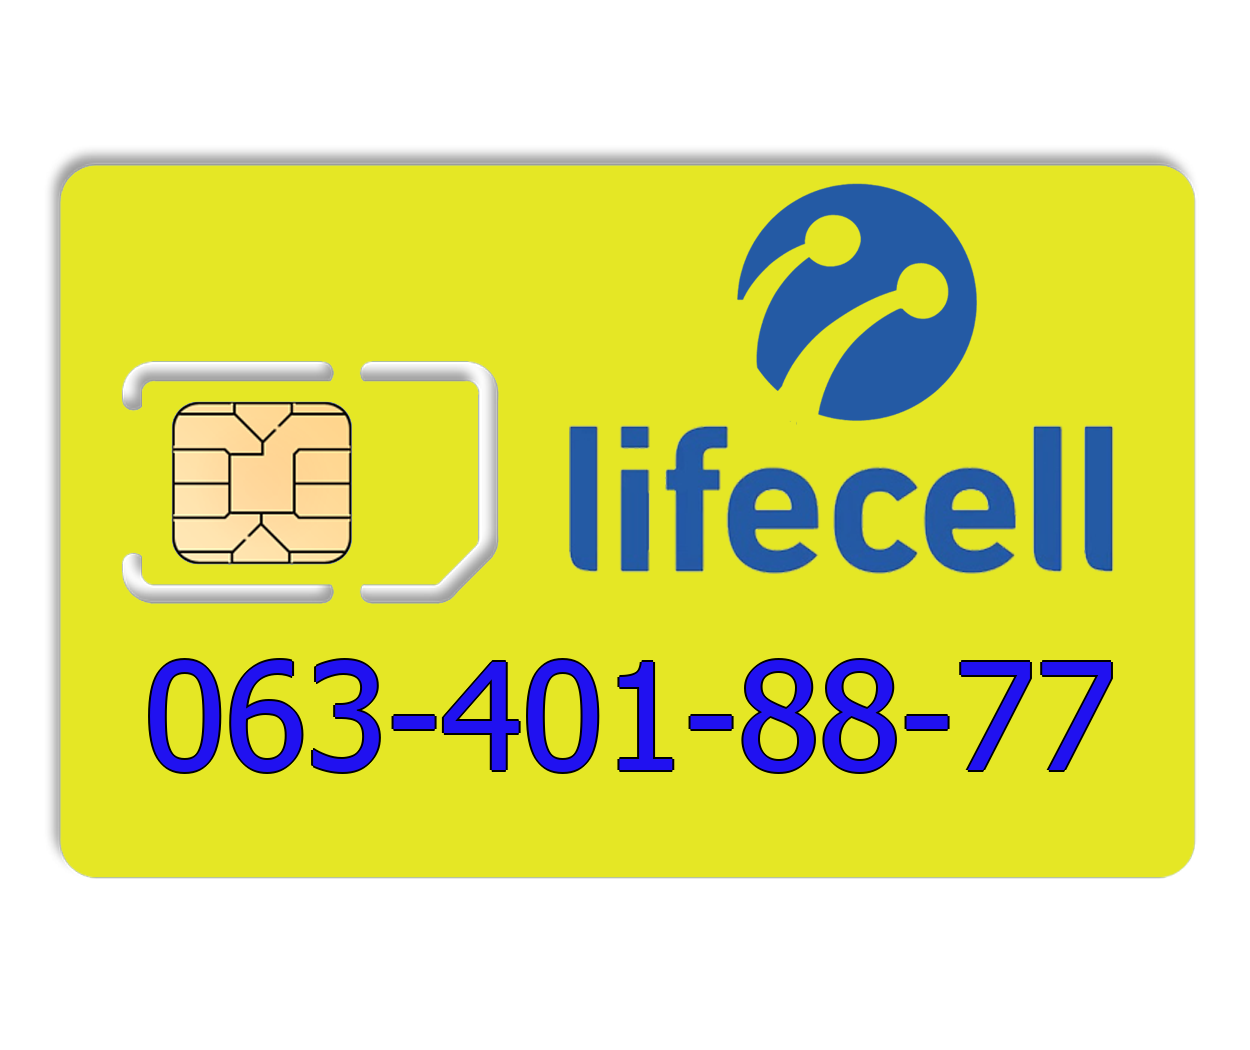 Красивый номер lifecell 063-401-88-77